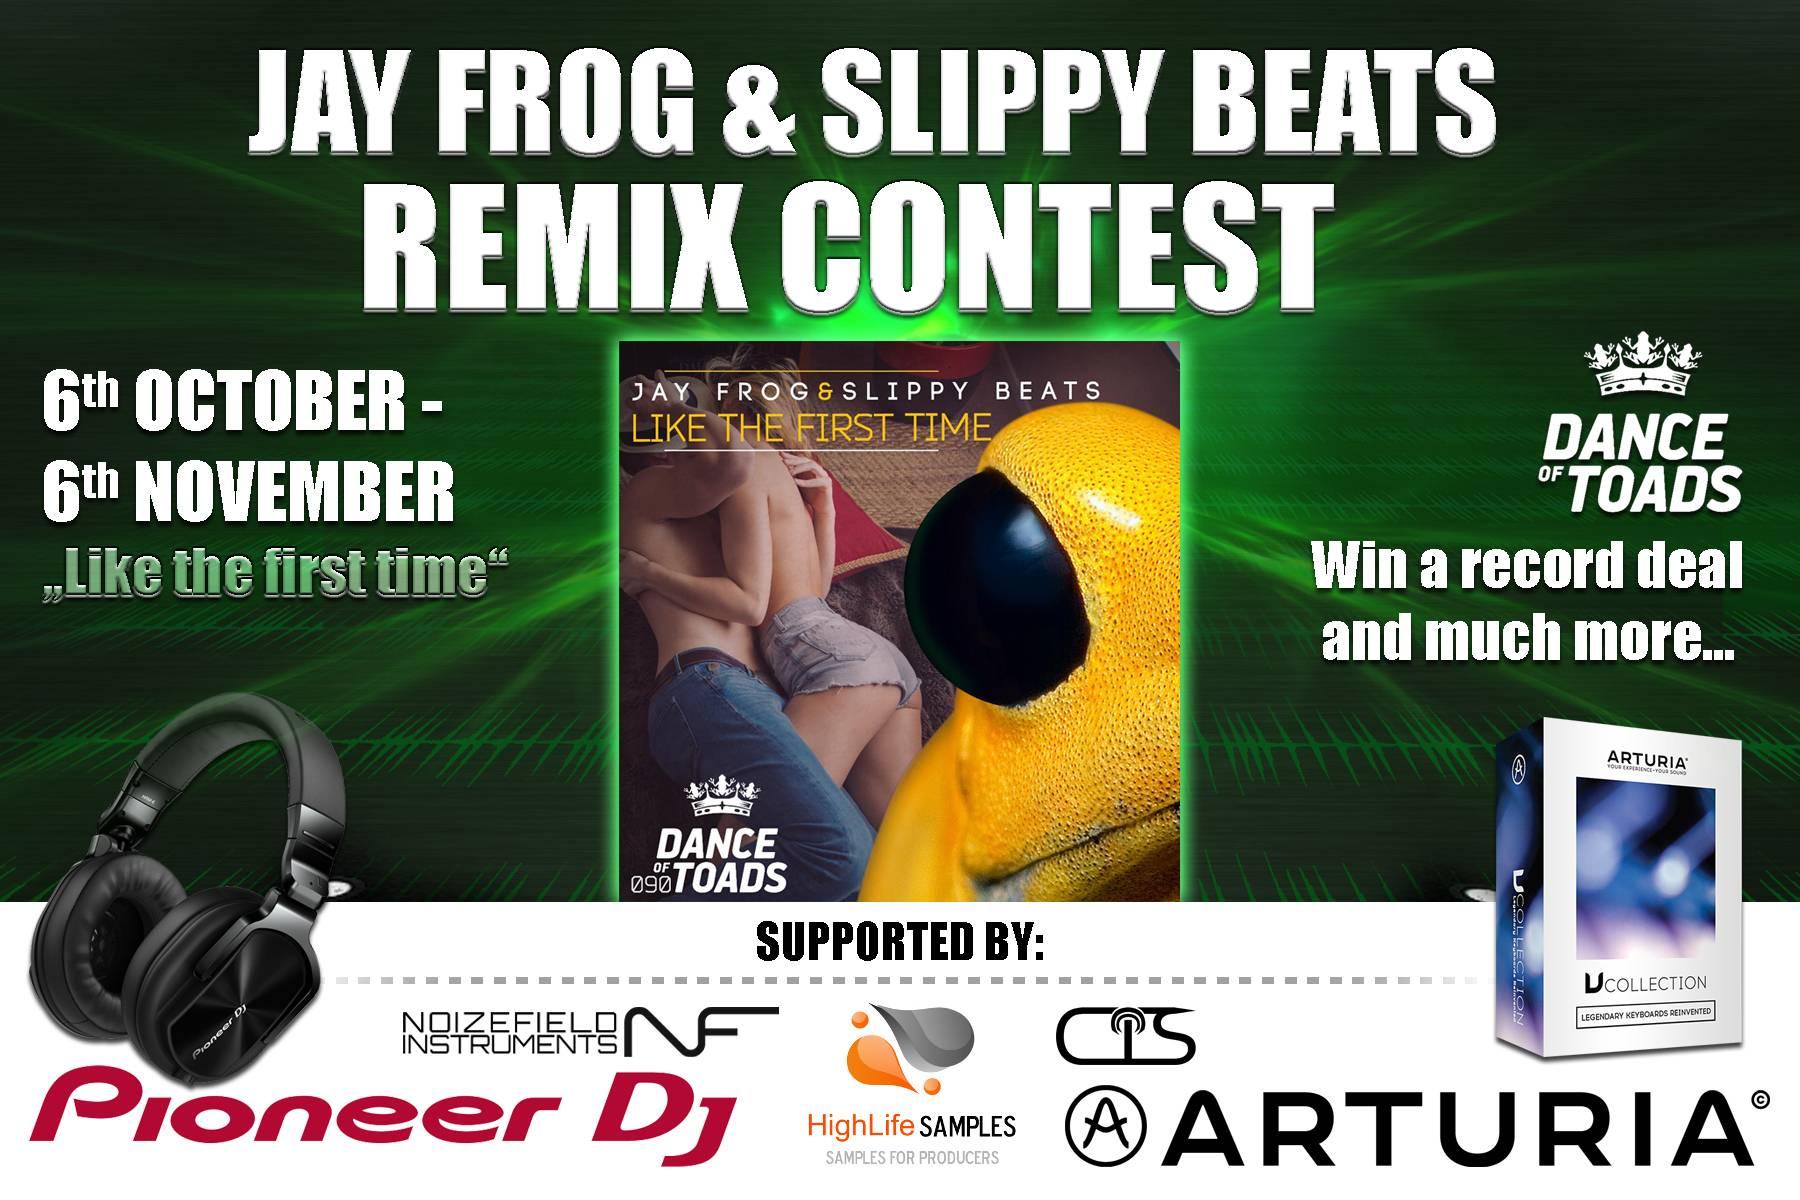 Jay Frog & Slippy Beats